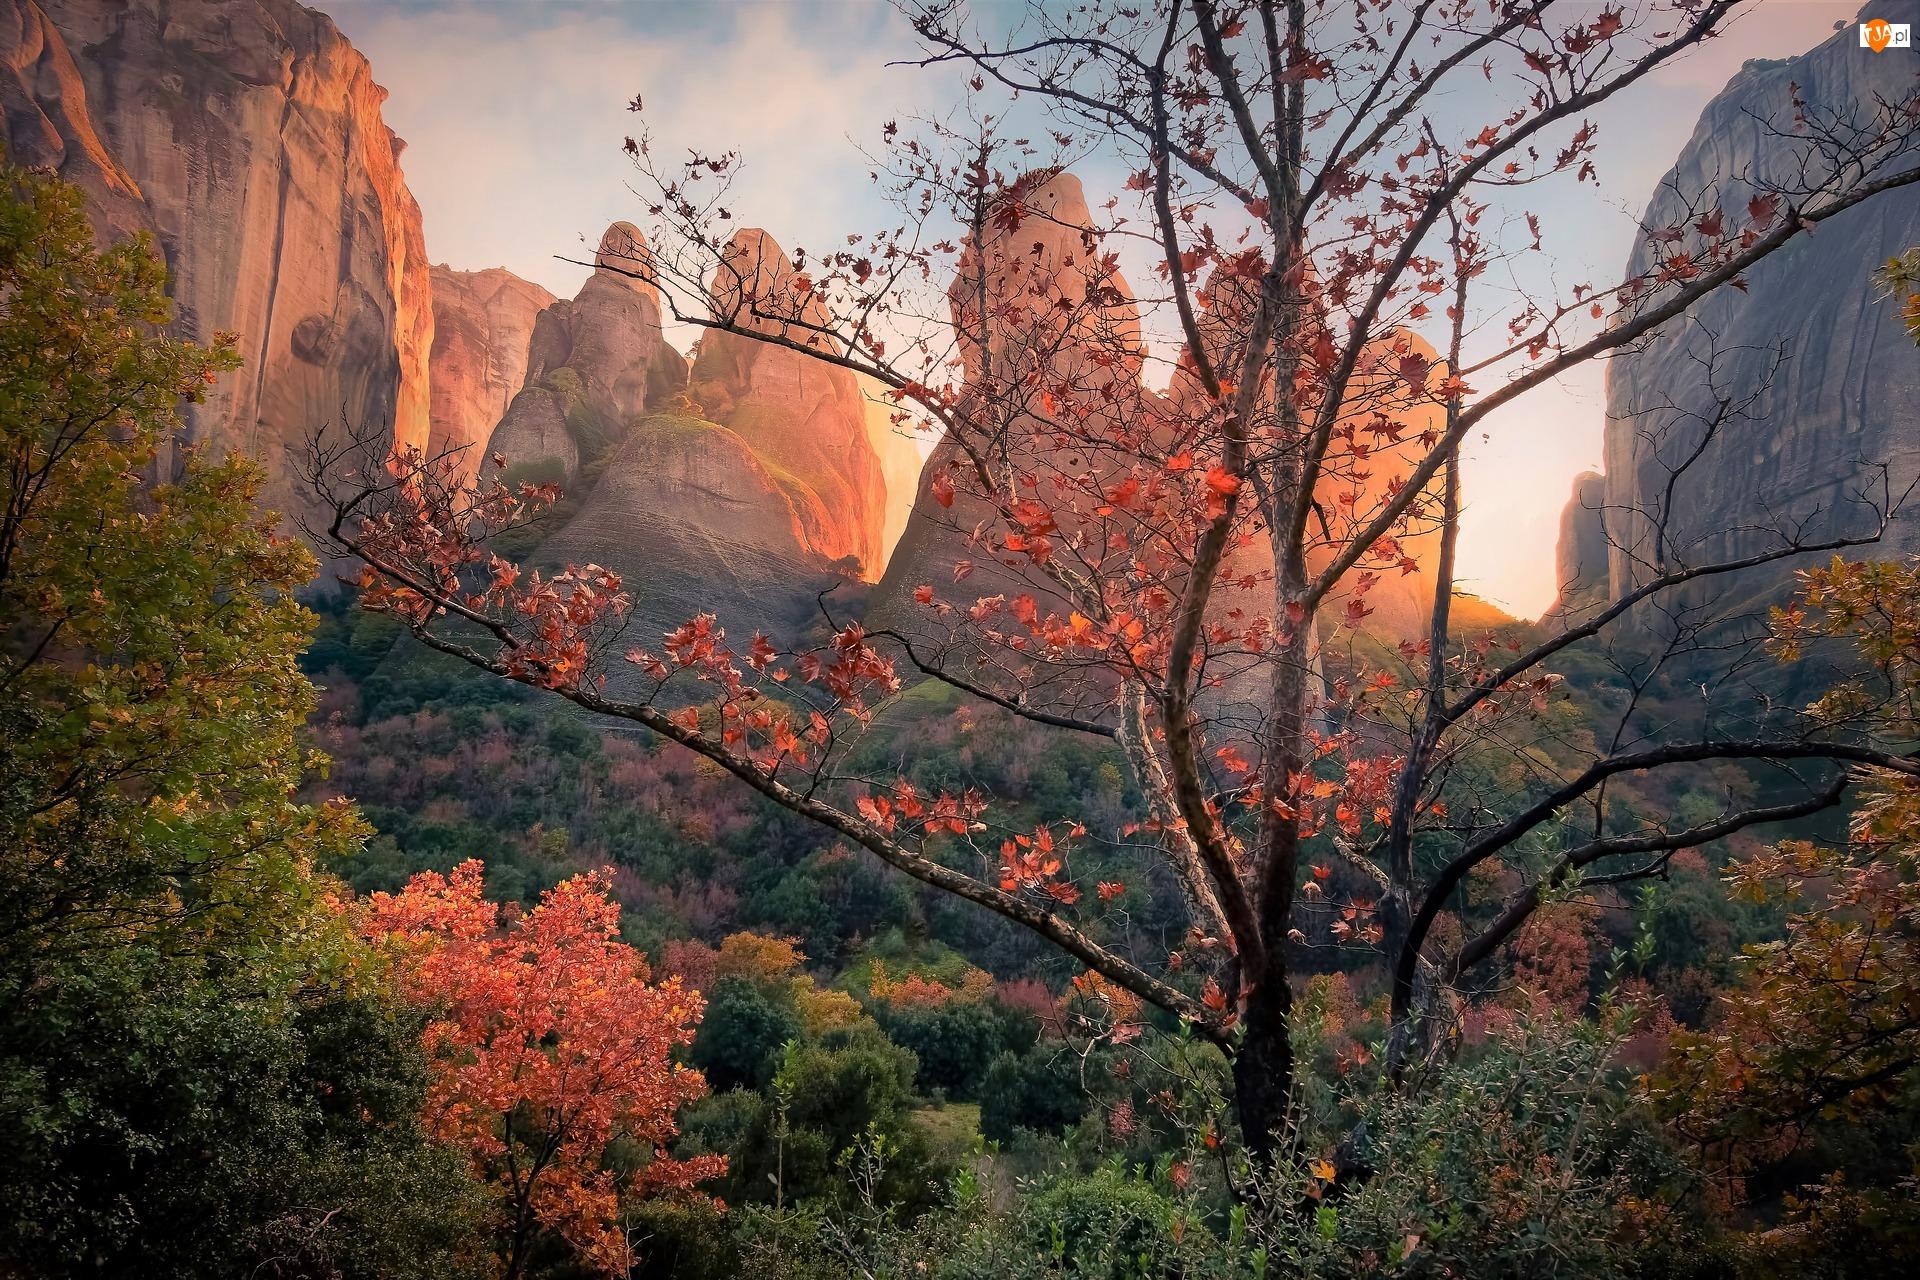 Góry, Grecja, Meteory, Jesień, Skały, Drzewa